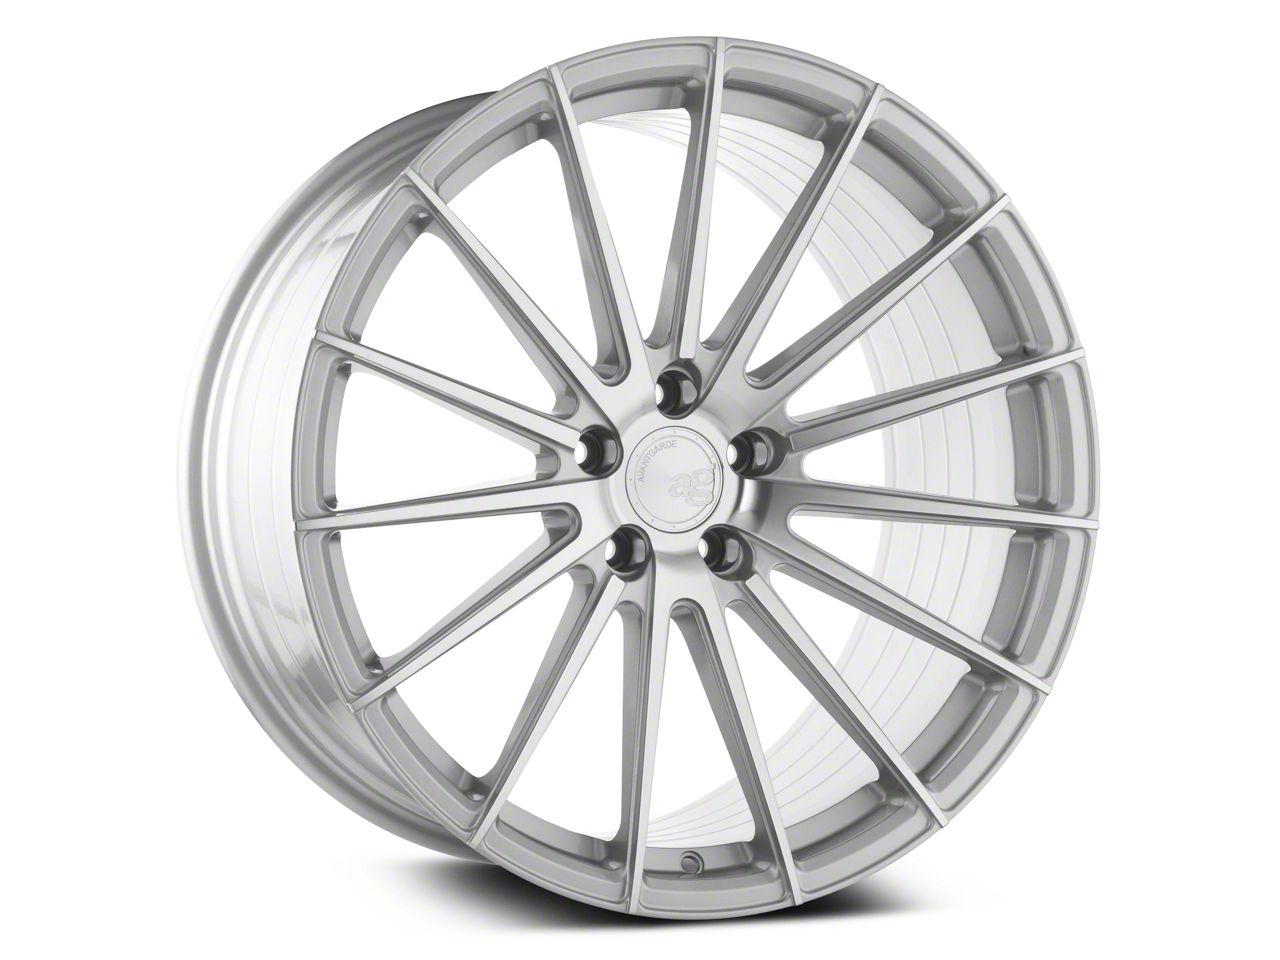 Avant Garde M615 Silver Machined Wheel - 19x9.5 - Rear Only (15-19 All)